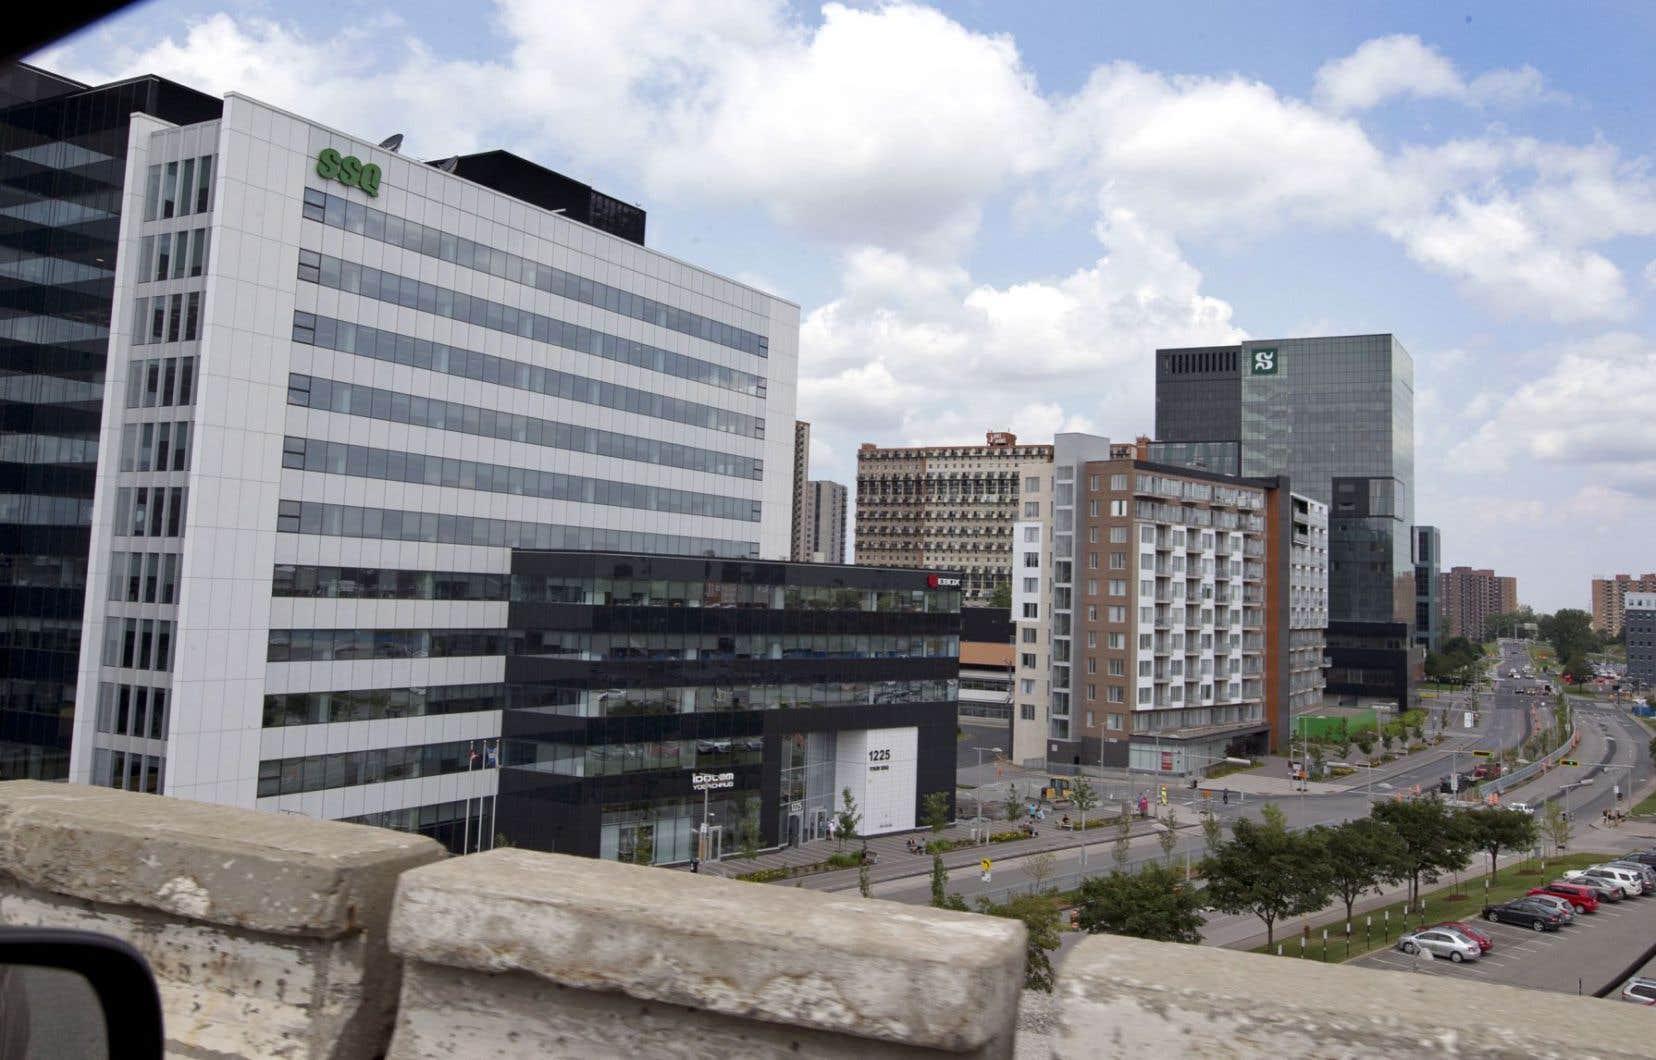 Une petite ville, avec ses tours d'habitation, ses commerces et ses institutions, s'est bâtie autour de la station Longueuil-Université de Sherbrooke depuis son ouverture dans les années 1960.